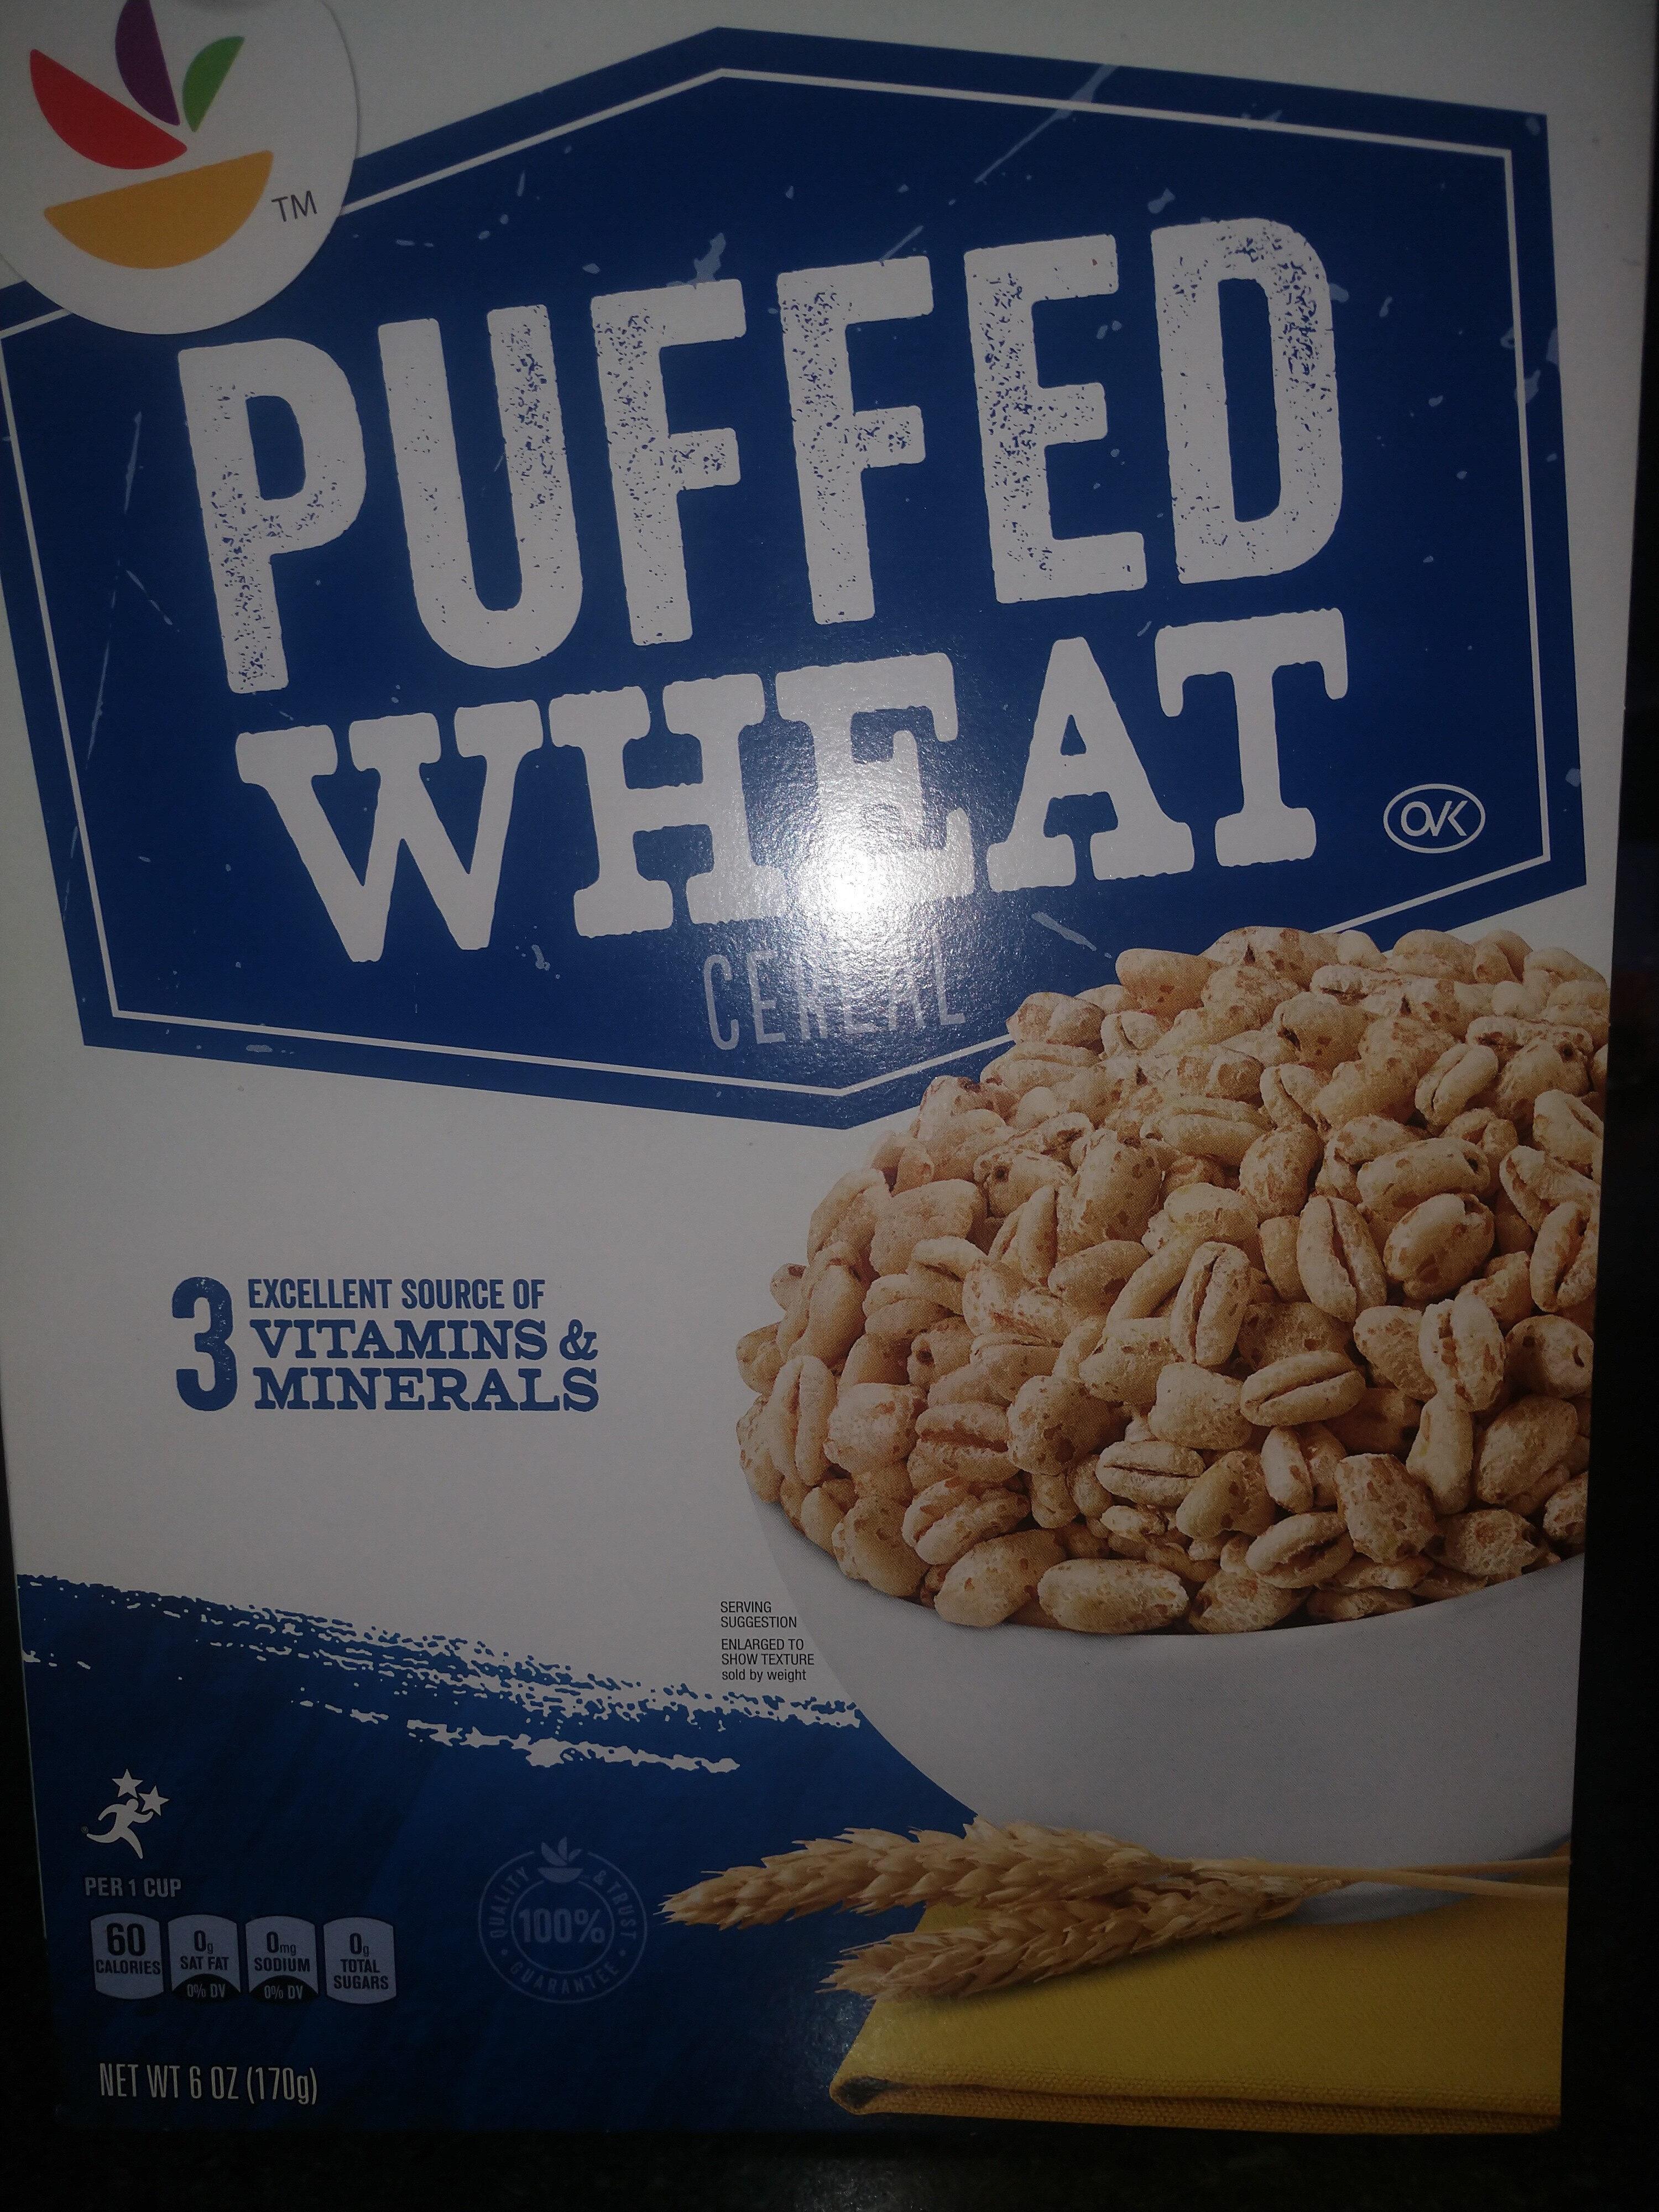 Giant, puffed wheat - Produit - en